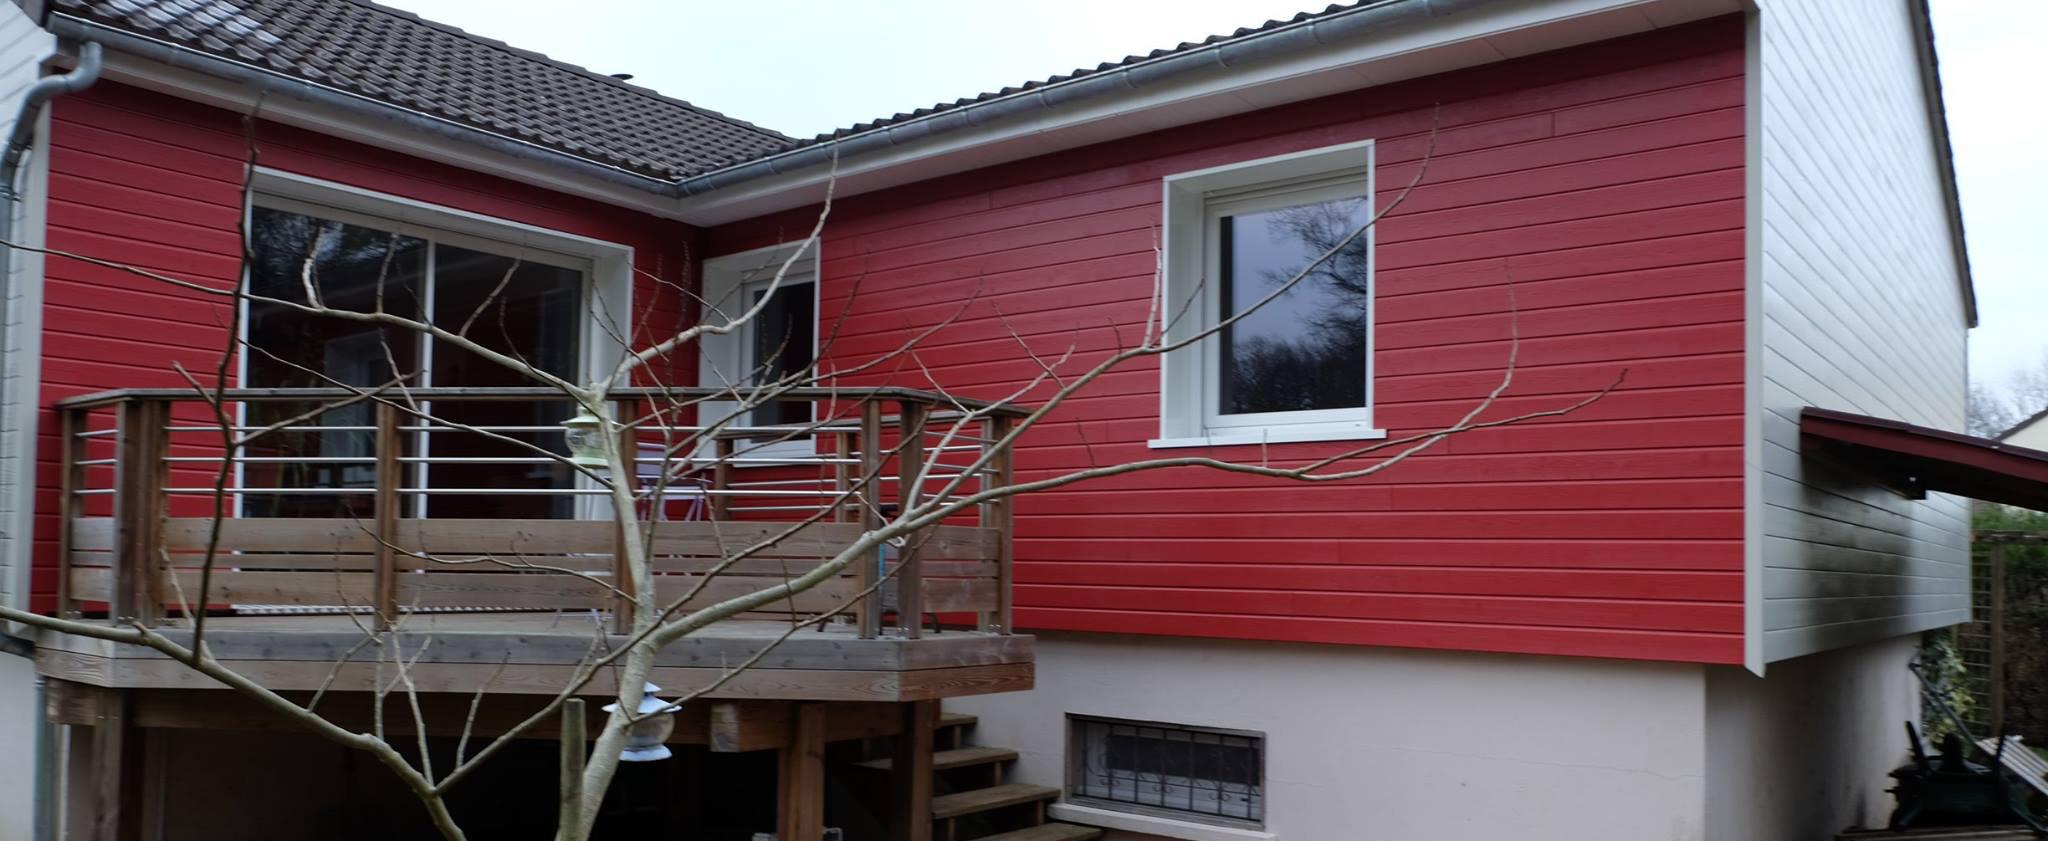 Exemple De Bardage Exterieur isolation extérieure orléans et bardage bois | loire eco bois